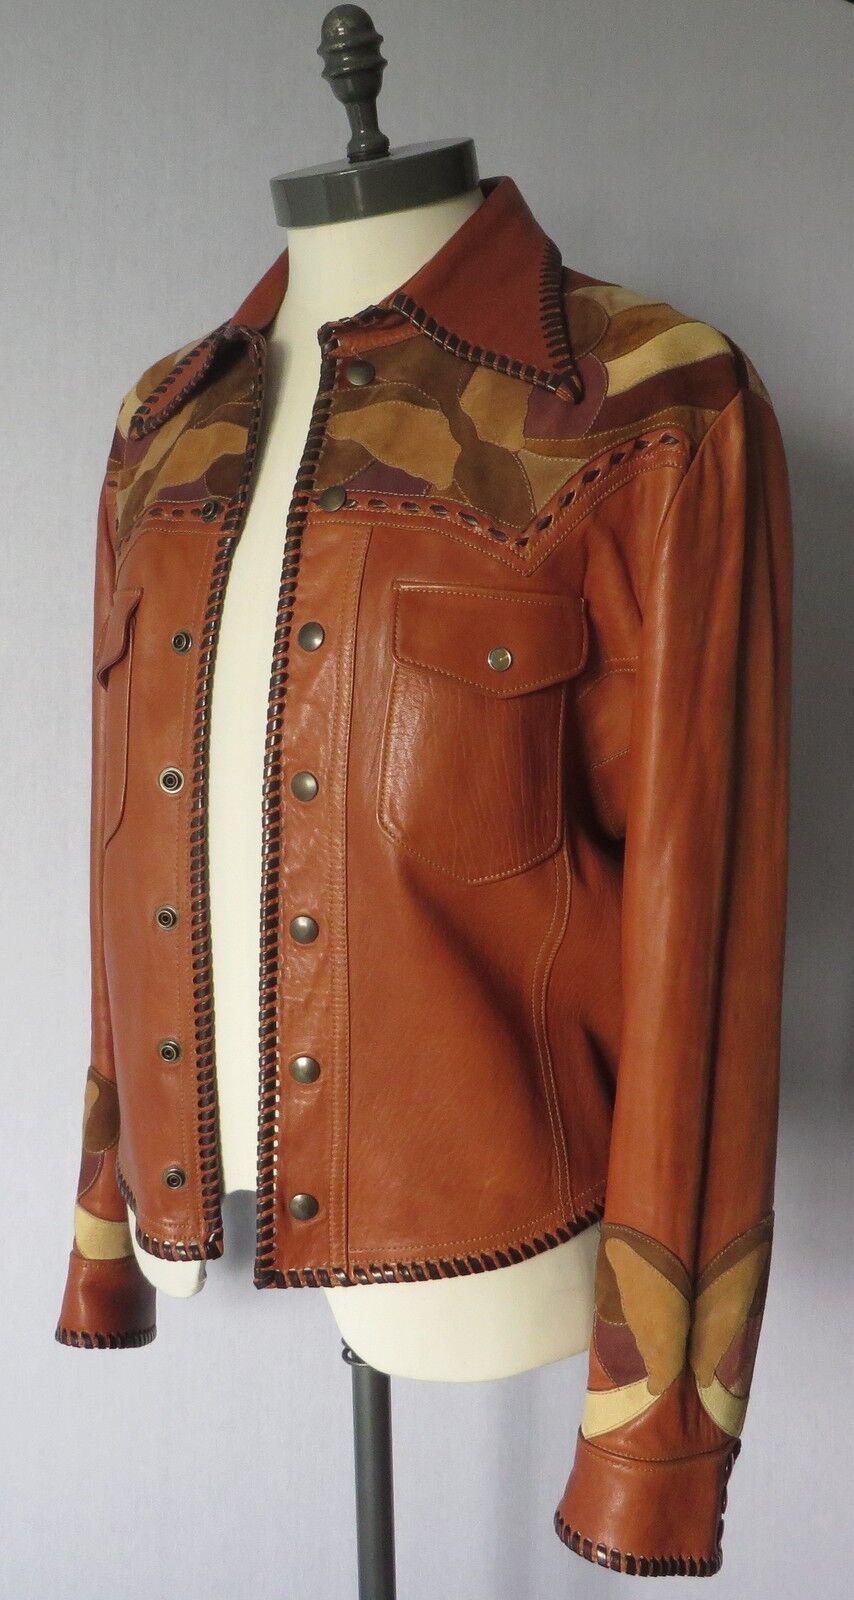 UTOPIA designer clothing